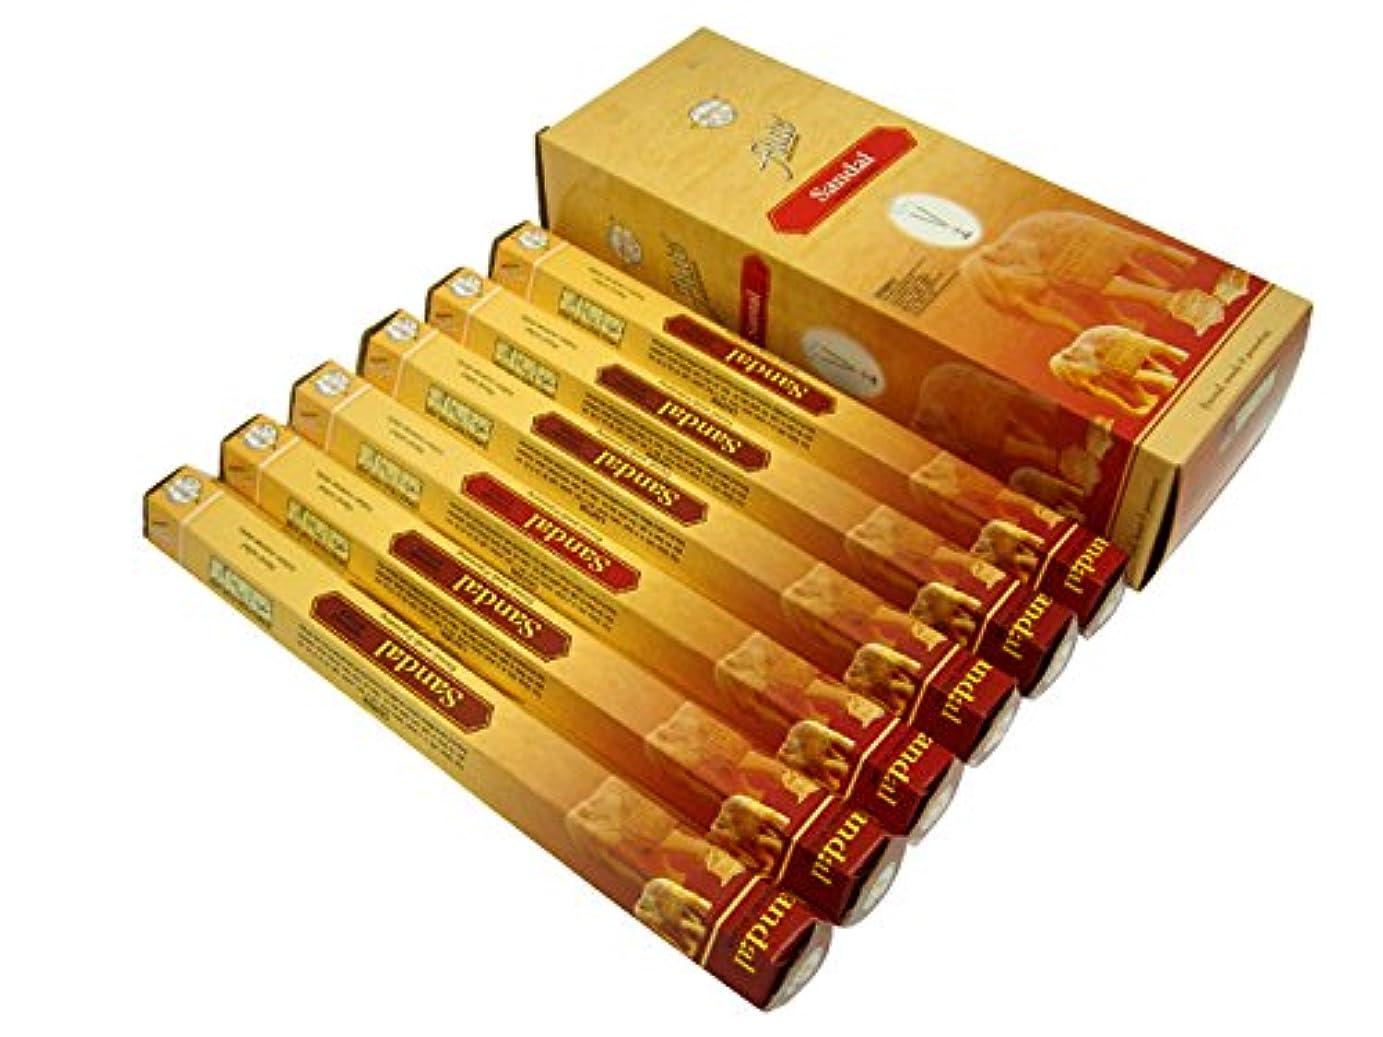 スワップオプション袋FLUTE(フルート) サンダル香 スティック SANDAL 6箱セット